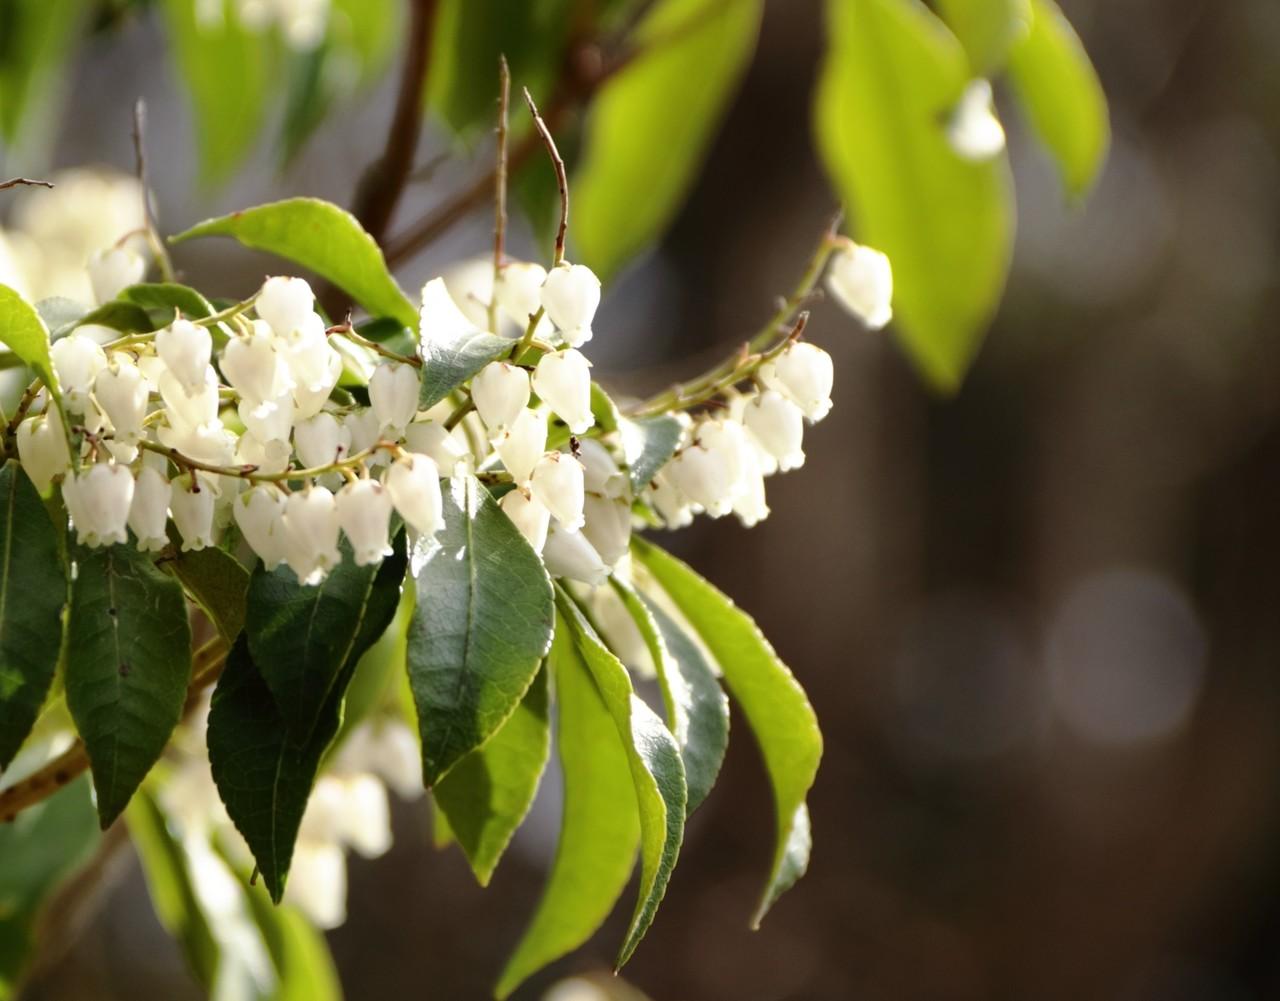 春の光をあびて、屈託なく笑っていて。目の前でも。記憶のなかでも。